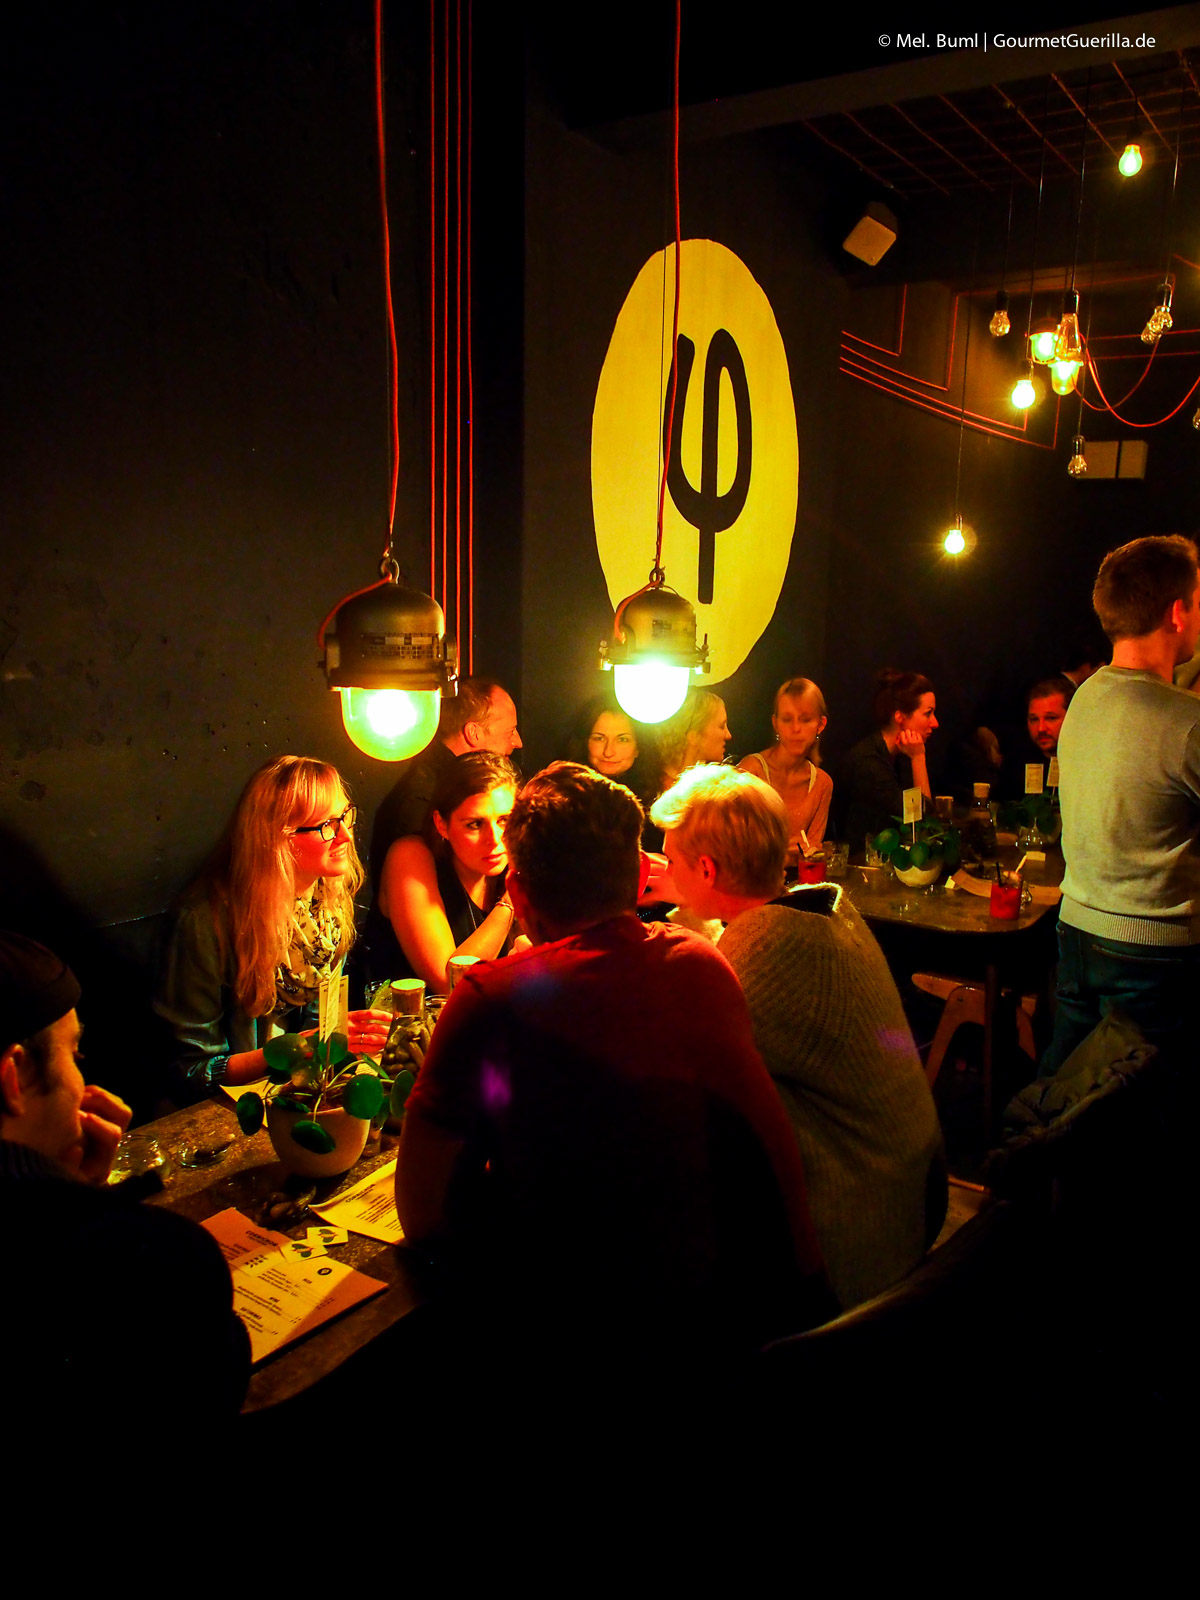 Kleines Phi Bar in Hamburg St. Pauli |GourmetGuerilla.de